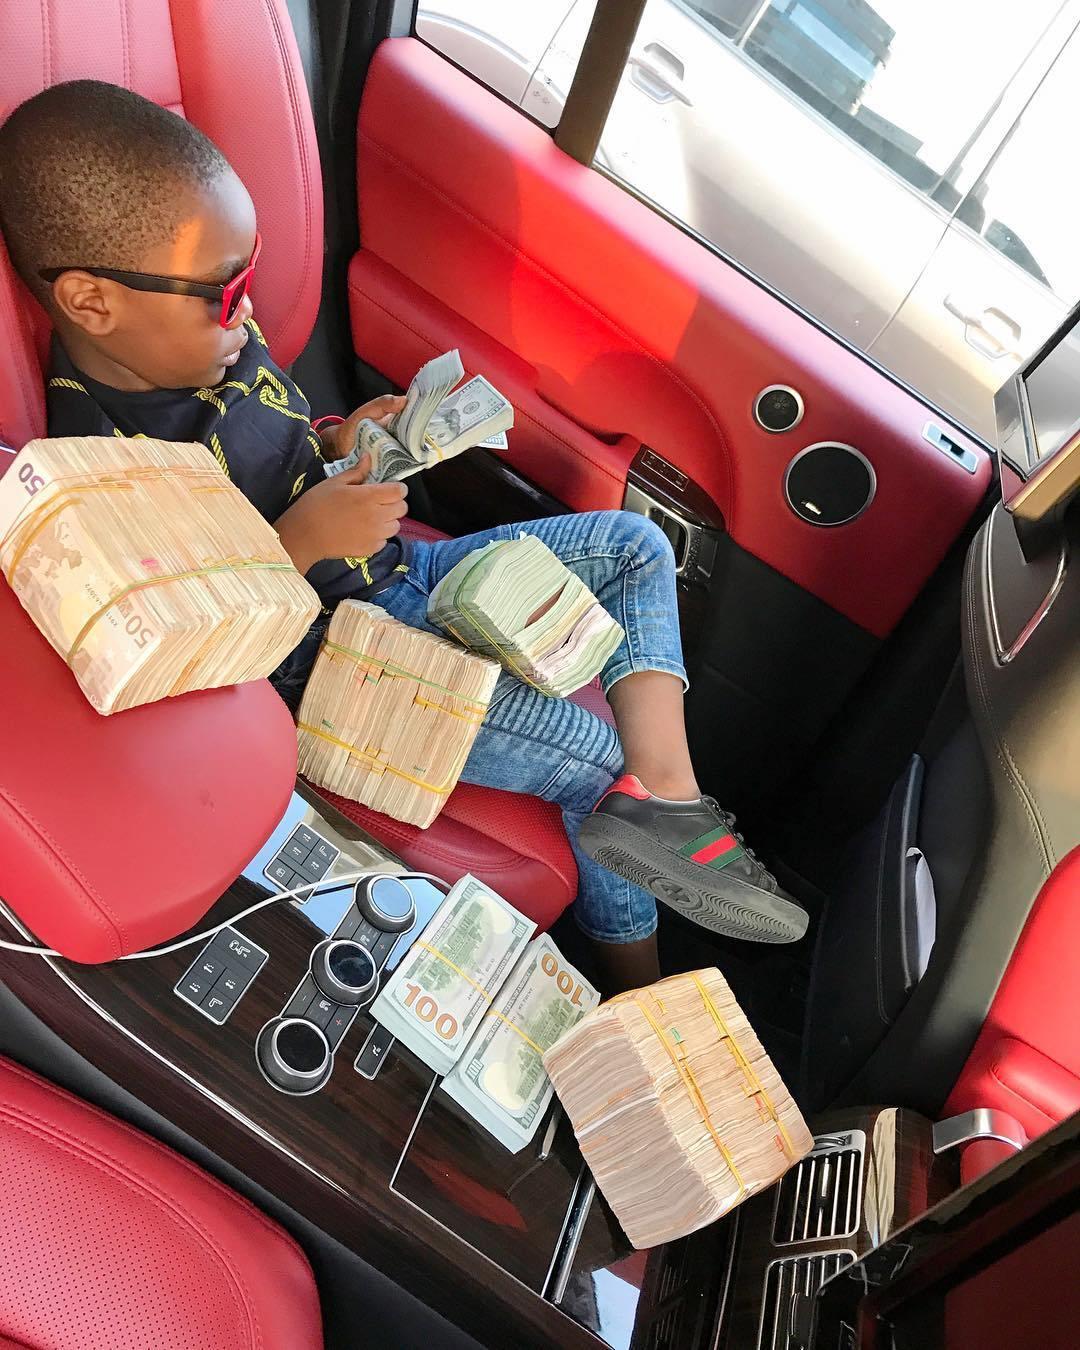 Top 10 Most Richest Kids in Nigeria in 2020 21